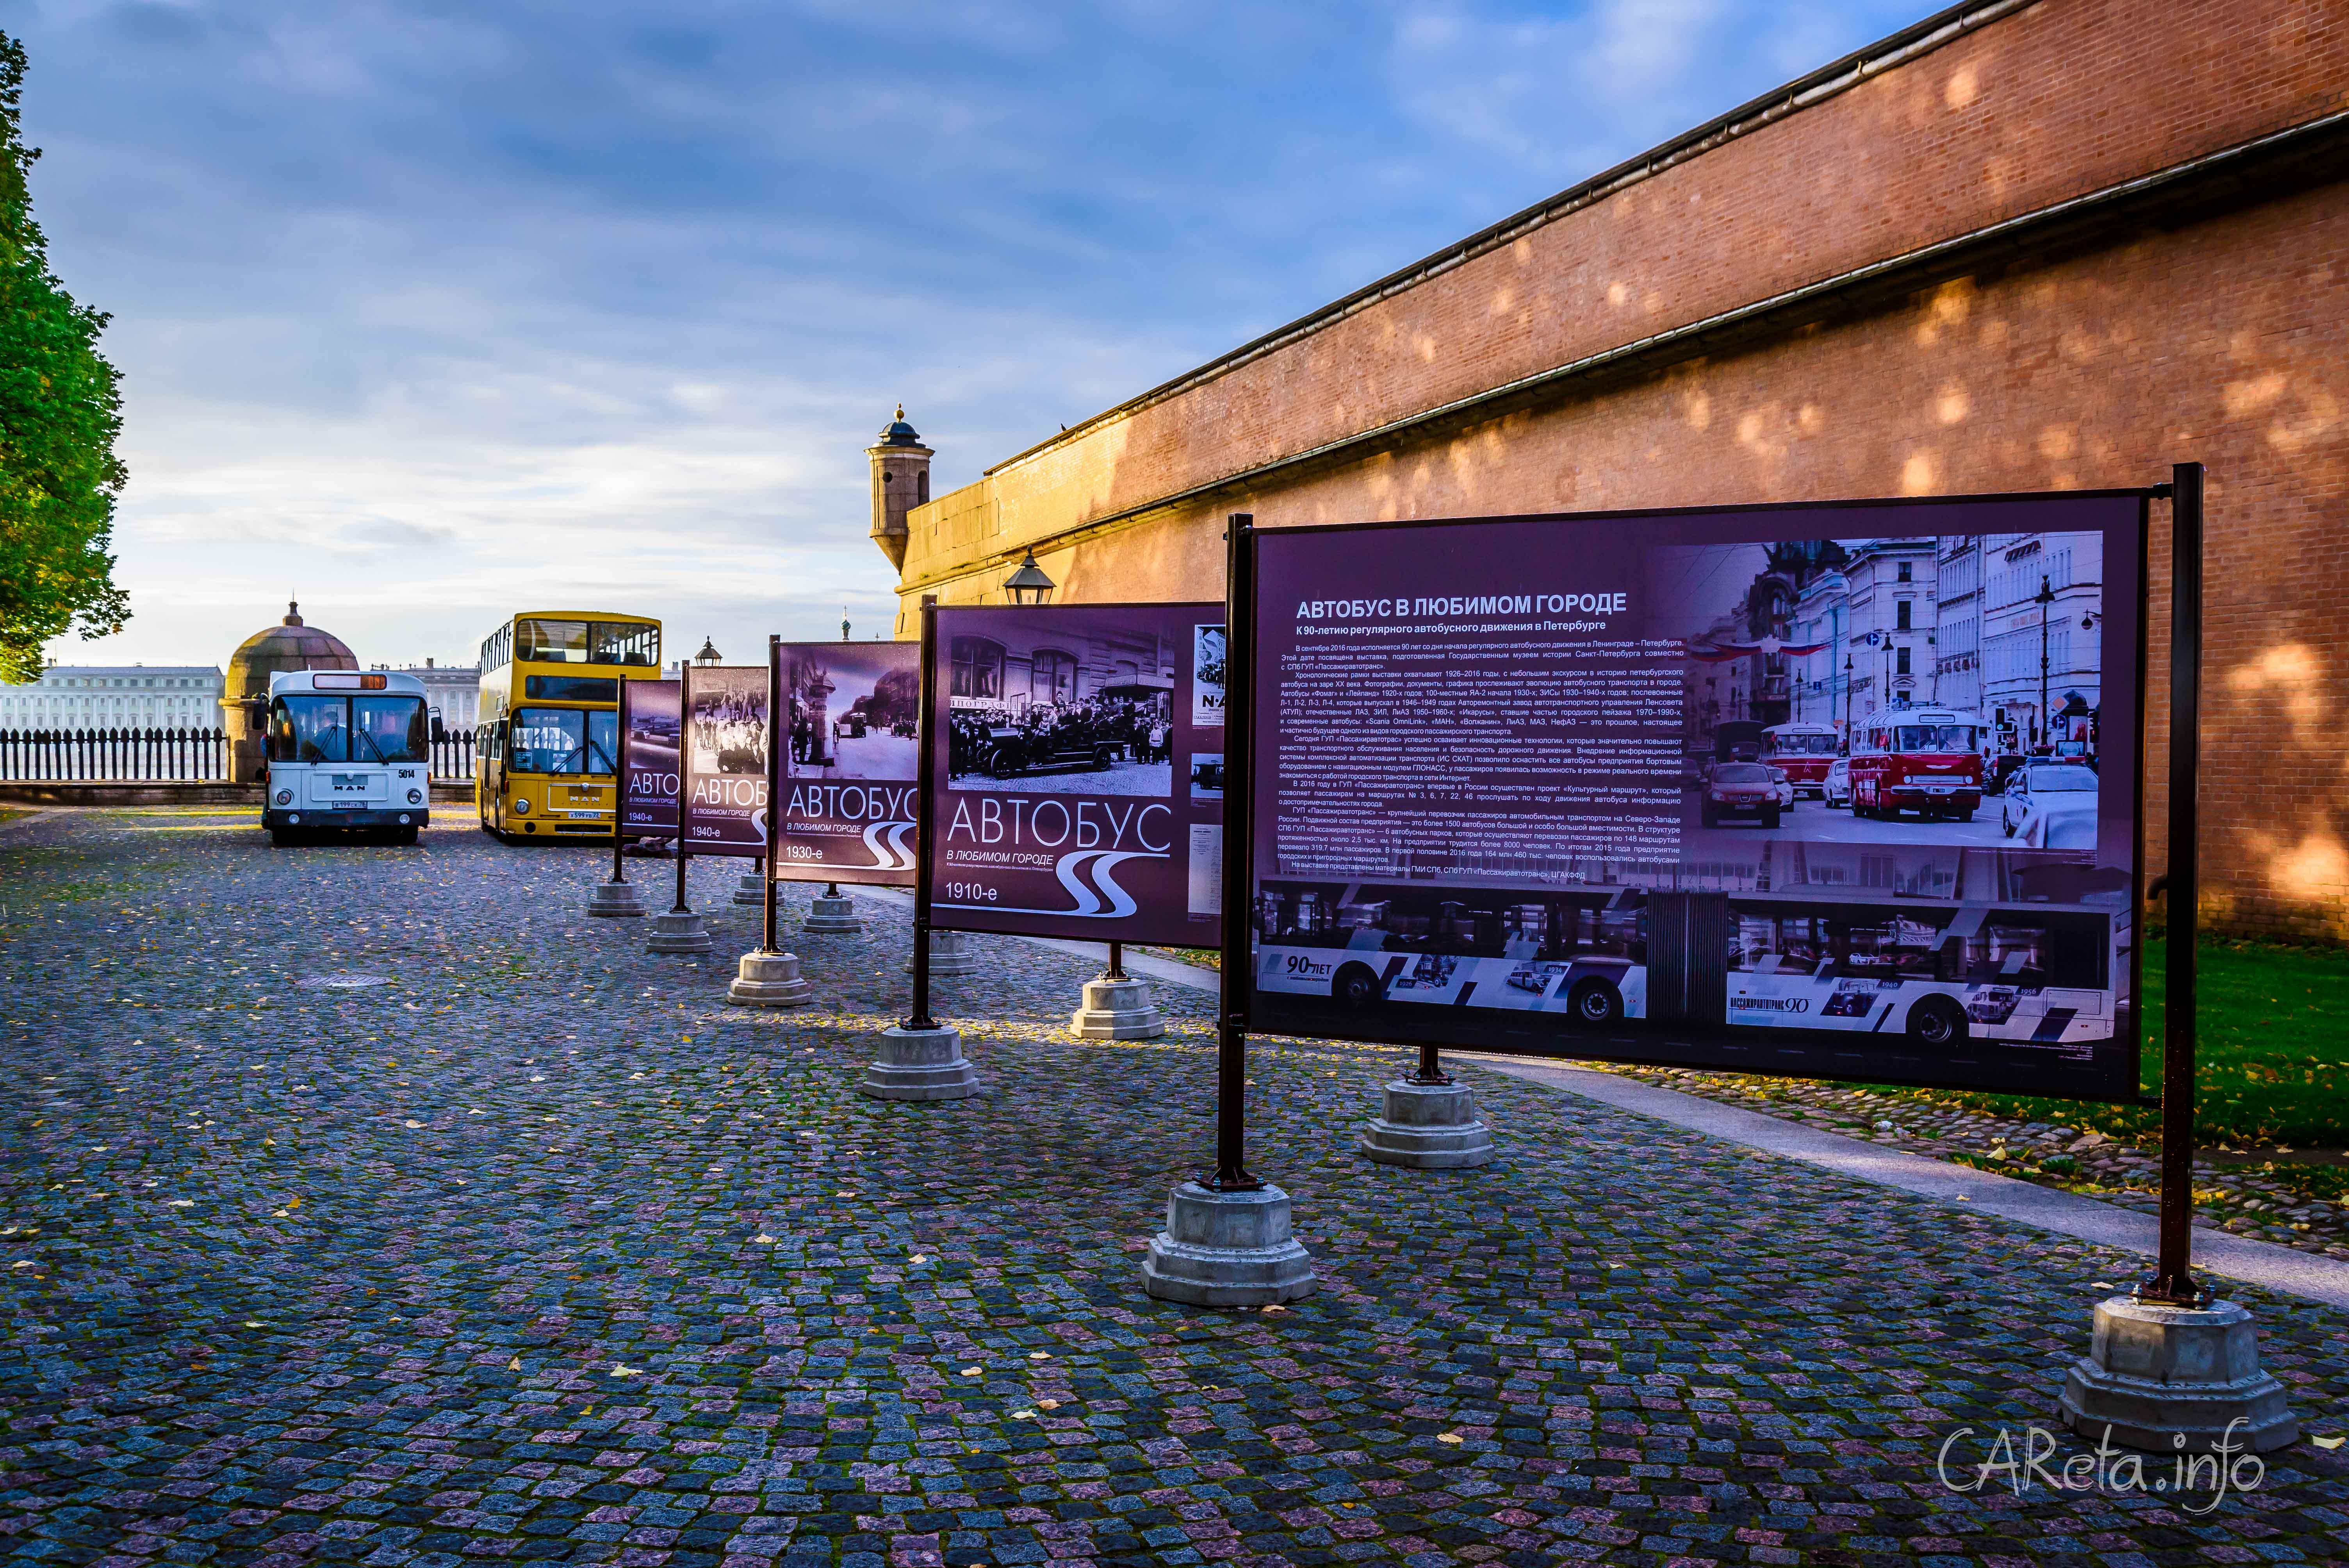 Взгляд в прошлое: выставка ретро-автобусов в Петропавловской крепости